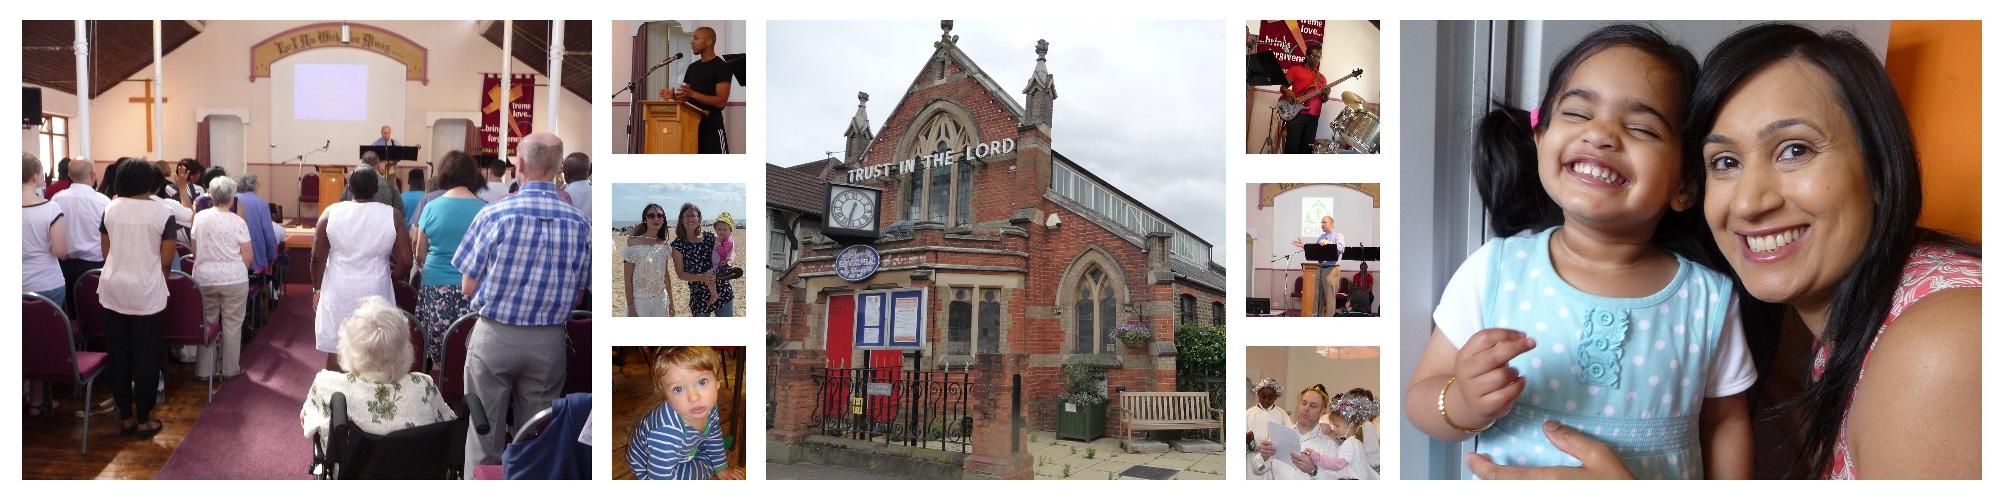 Home - Chadwell Heath Baptist Church